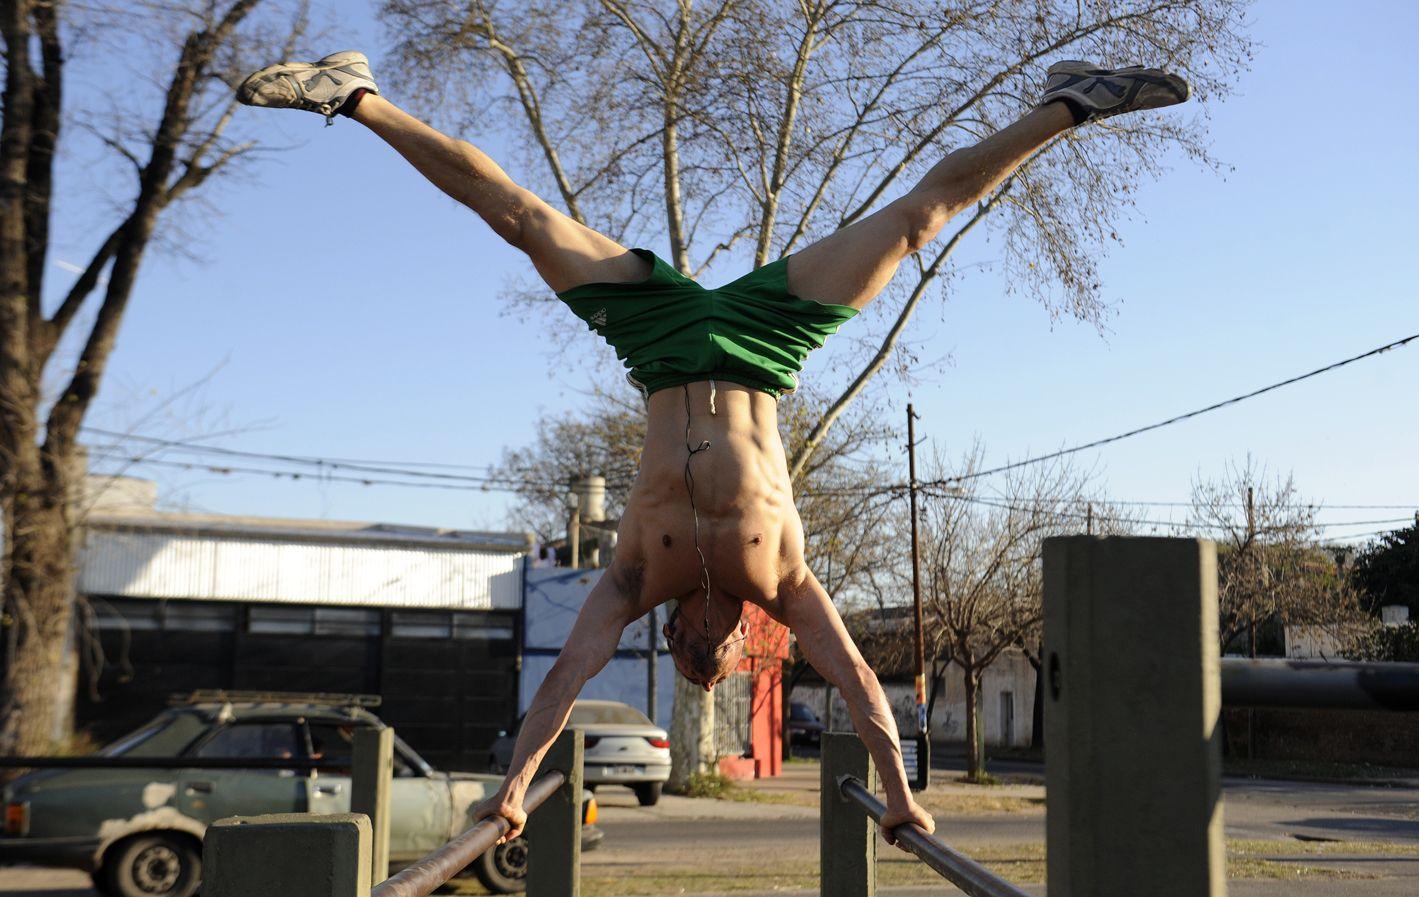 Abiertos. El proyecto pretende transformar algunos espacios públicos en gimnasios urbanos para los vecinos.